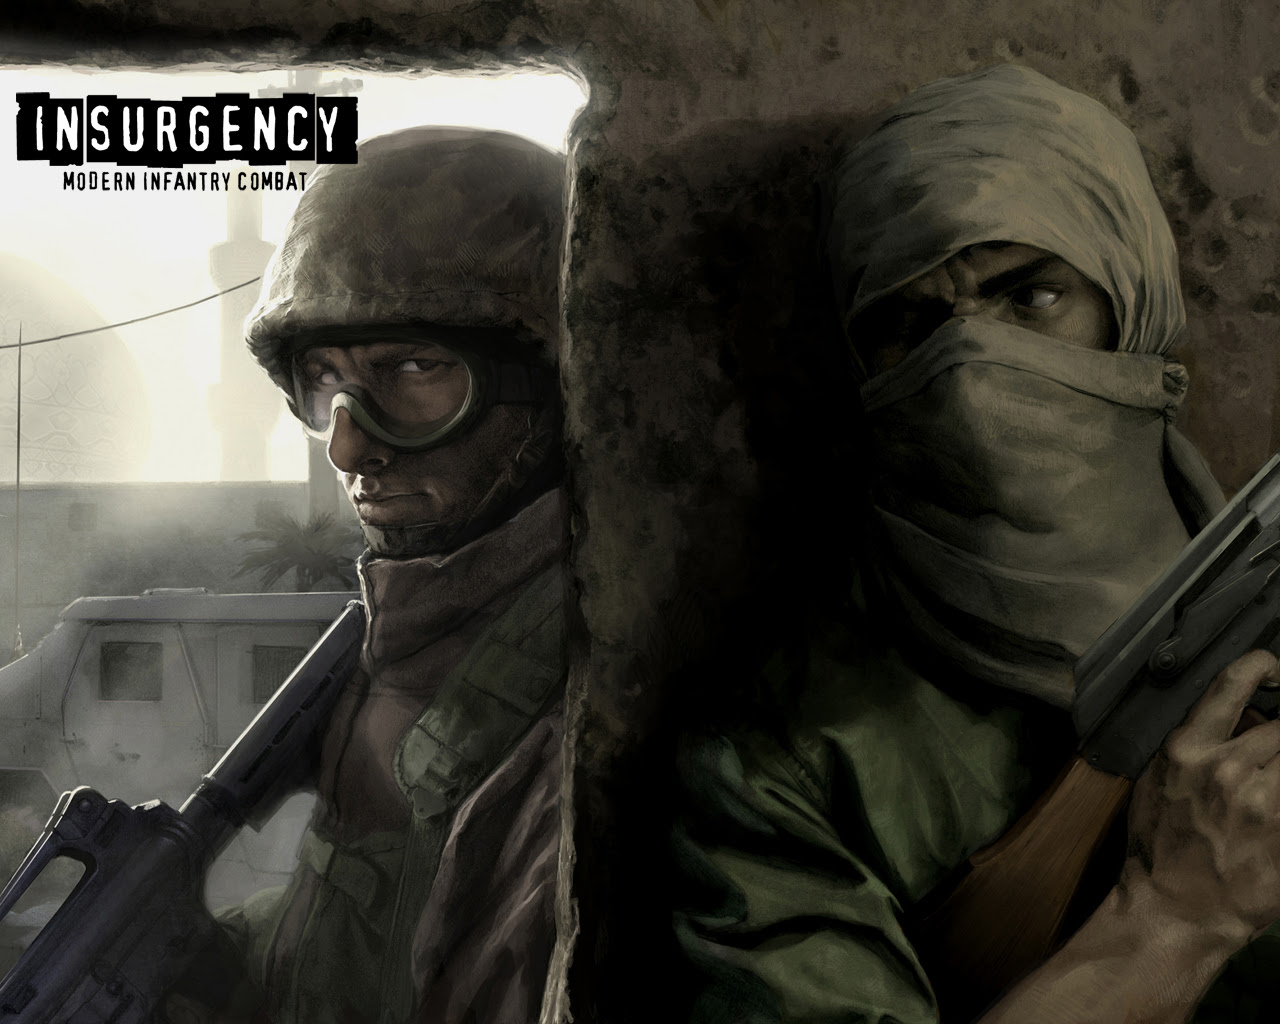 http://fc04.deviantart.net/fs20/f/2007/299/3/5/Insurgency_an_HL2_mod_by_ArabianPanther.jpg